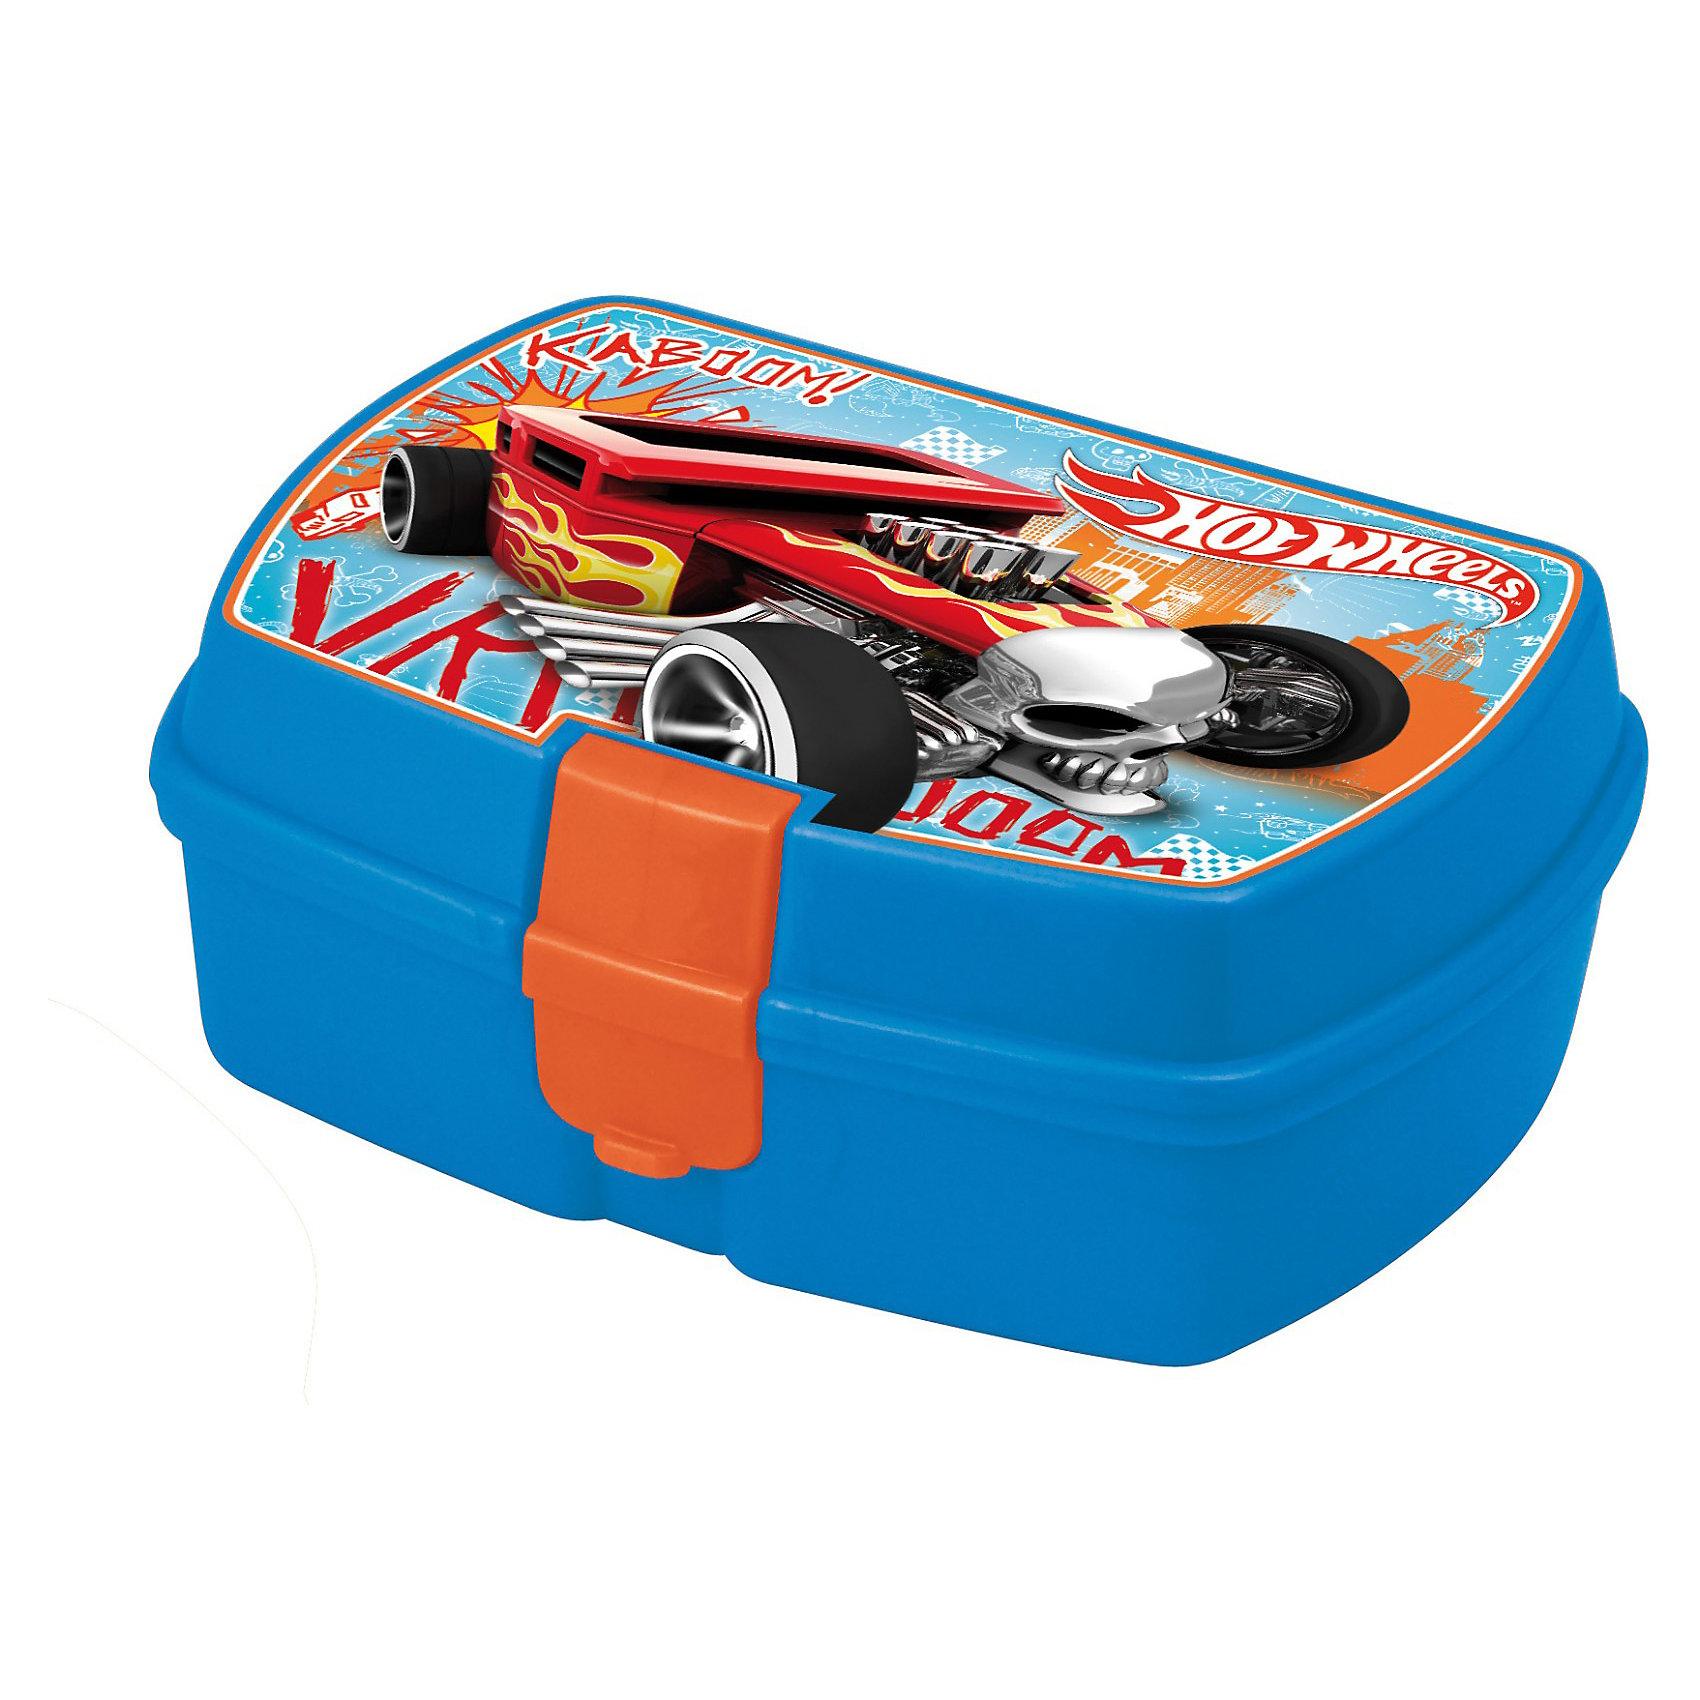 Контейнер для сэндвичей с внутренним лотком, hot wheels